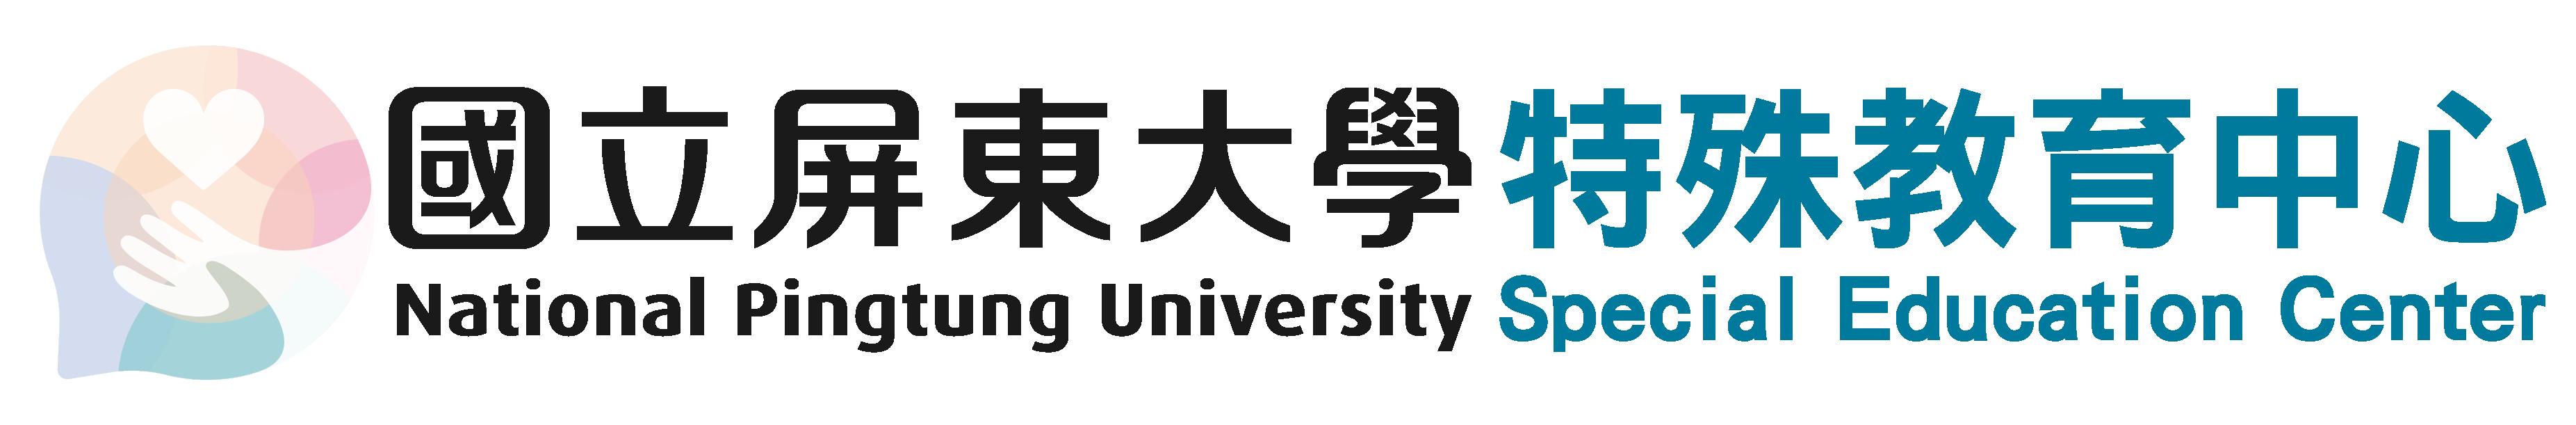 國立屏東大學特殊教育中心